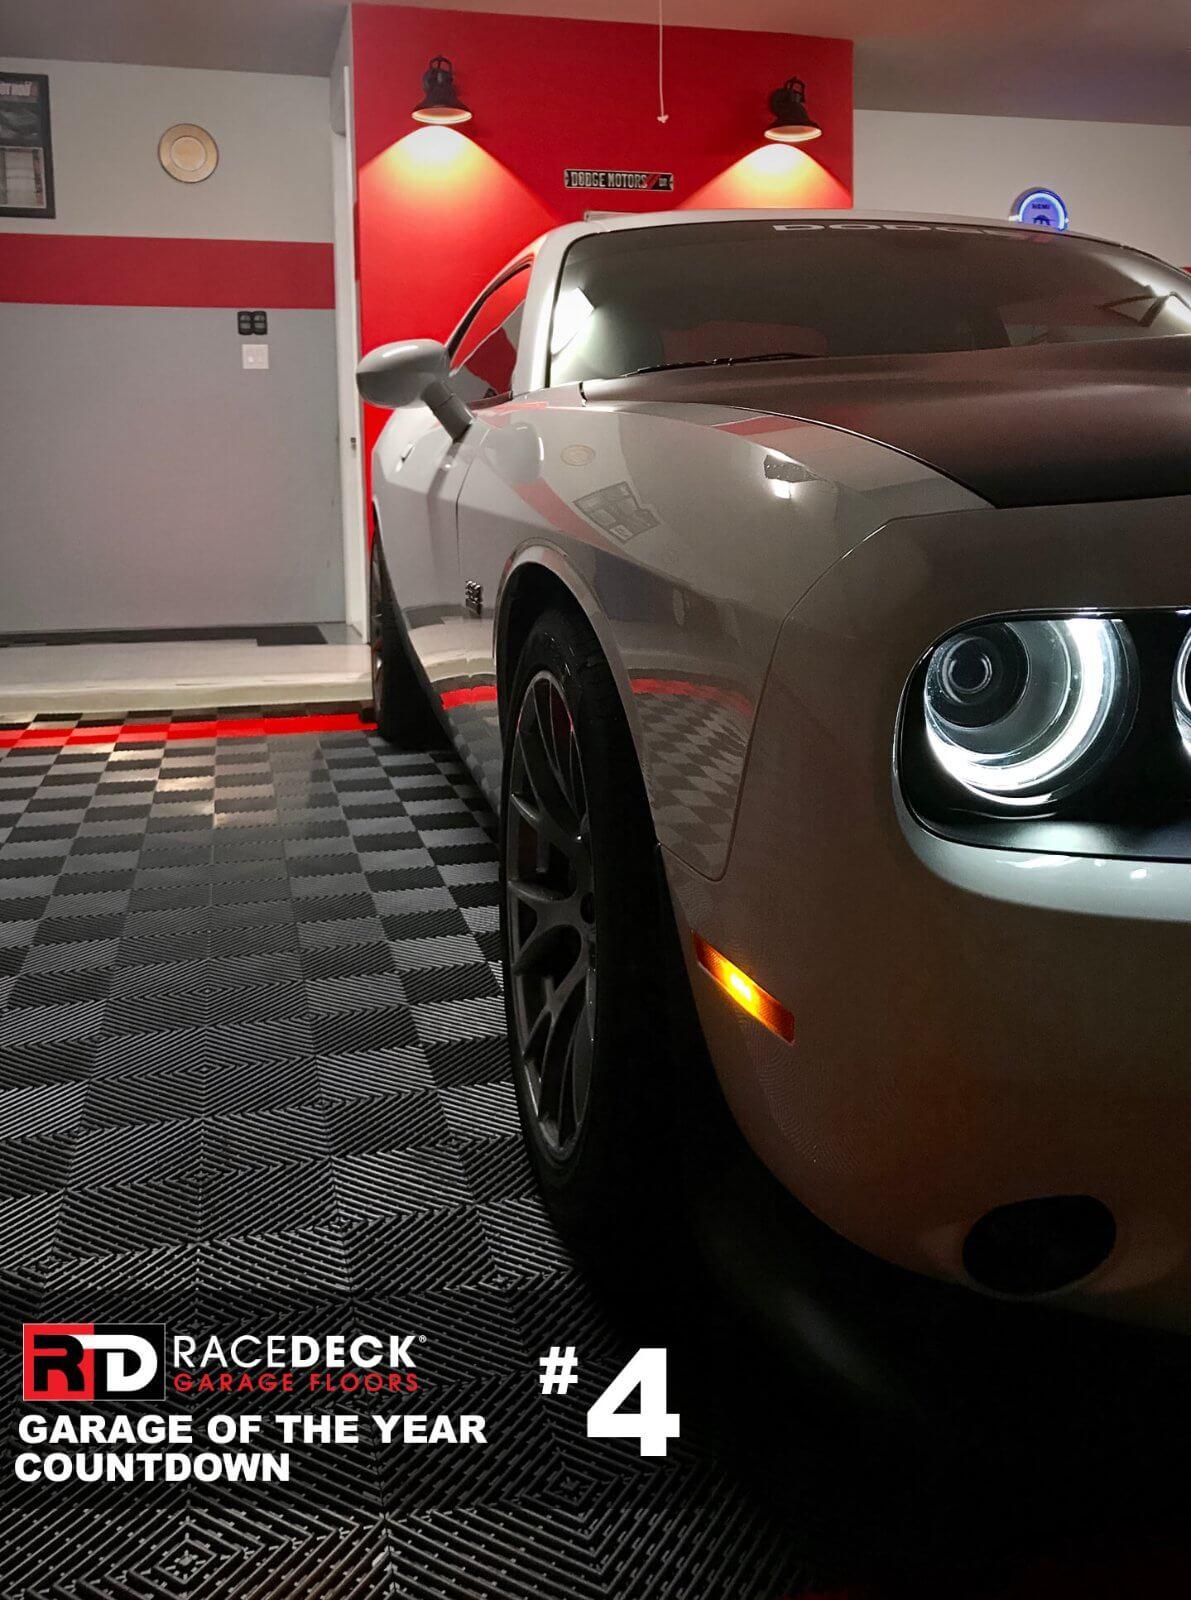 This Free-Flow<sup>®</sup> garage displays cool lighting at nighttime.